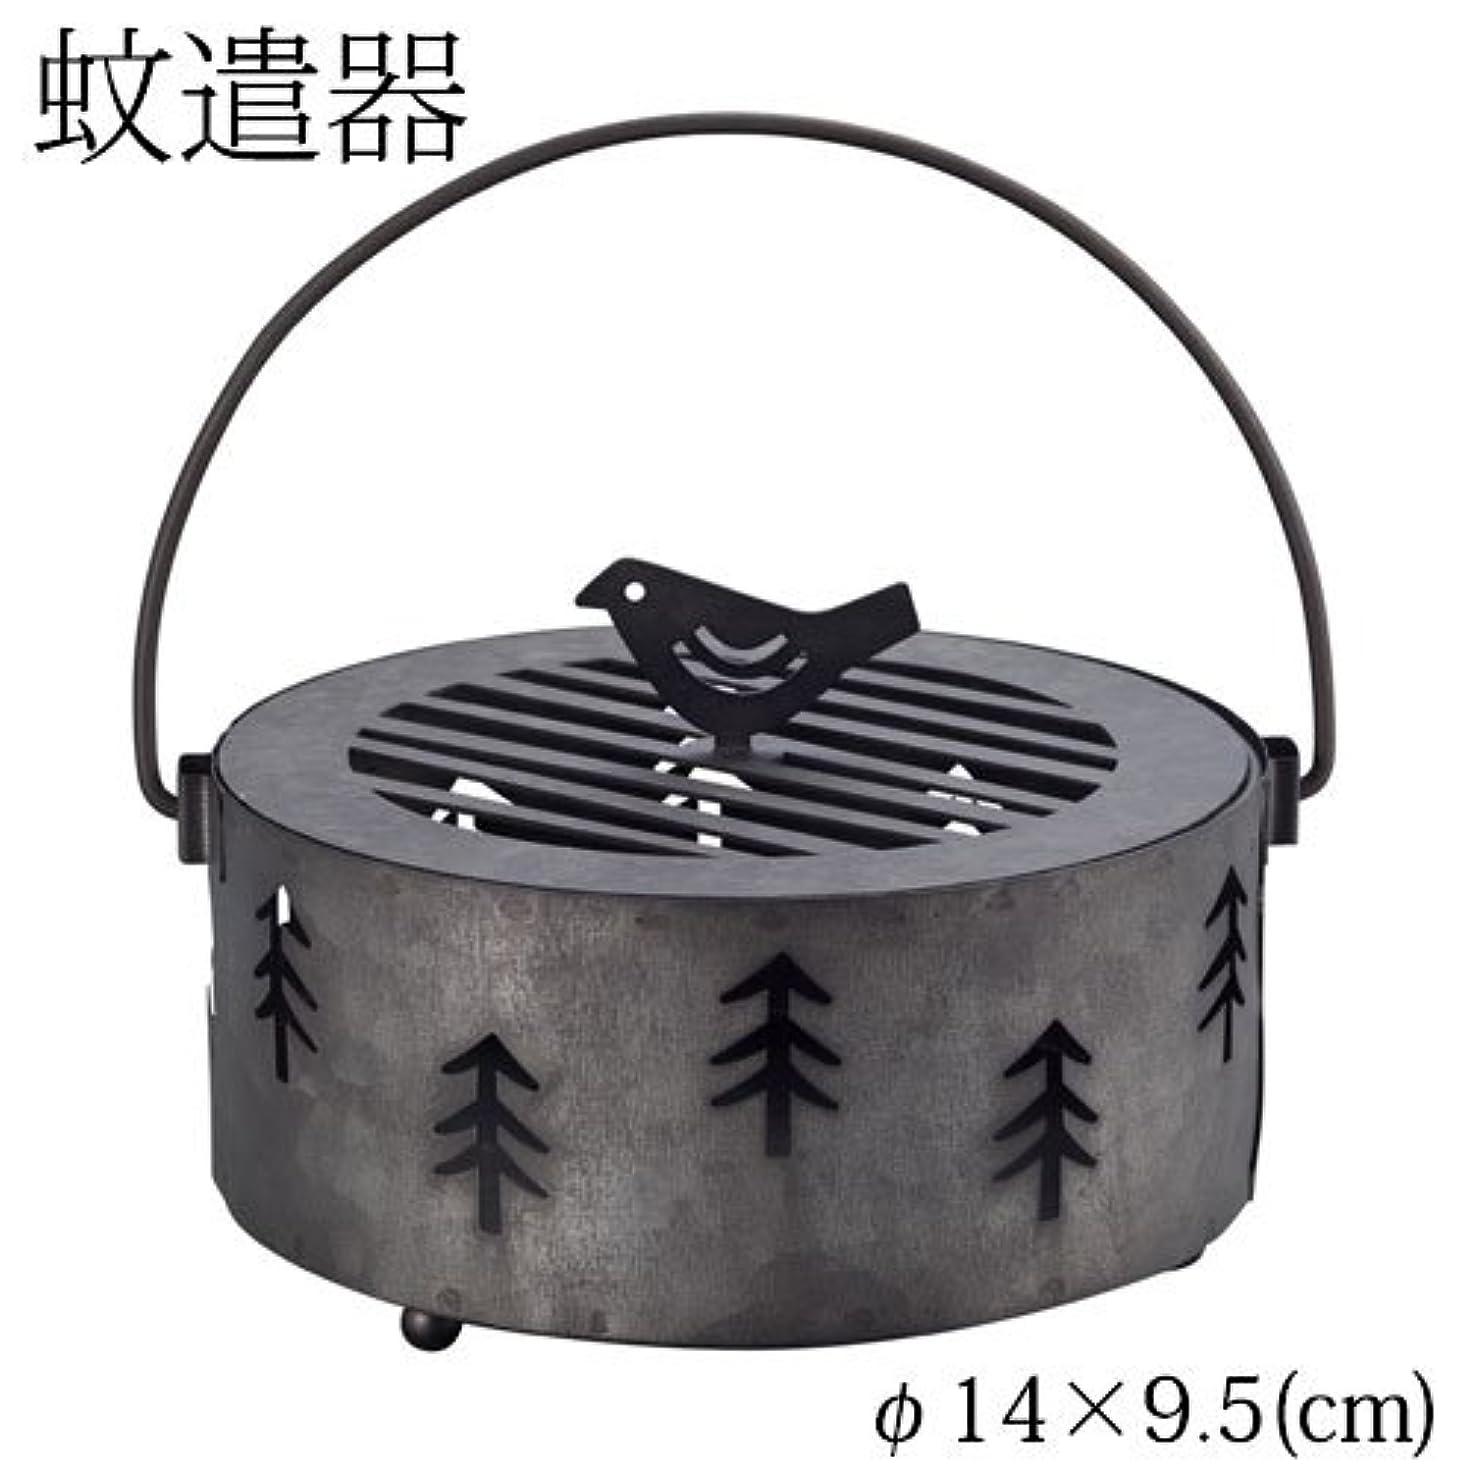 試みドールジャーナリストDECOLE 蚊遣り箱 森 (ZBZ-37414) スチール製蚊遣器 Kayari of Steel